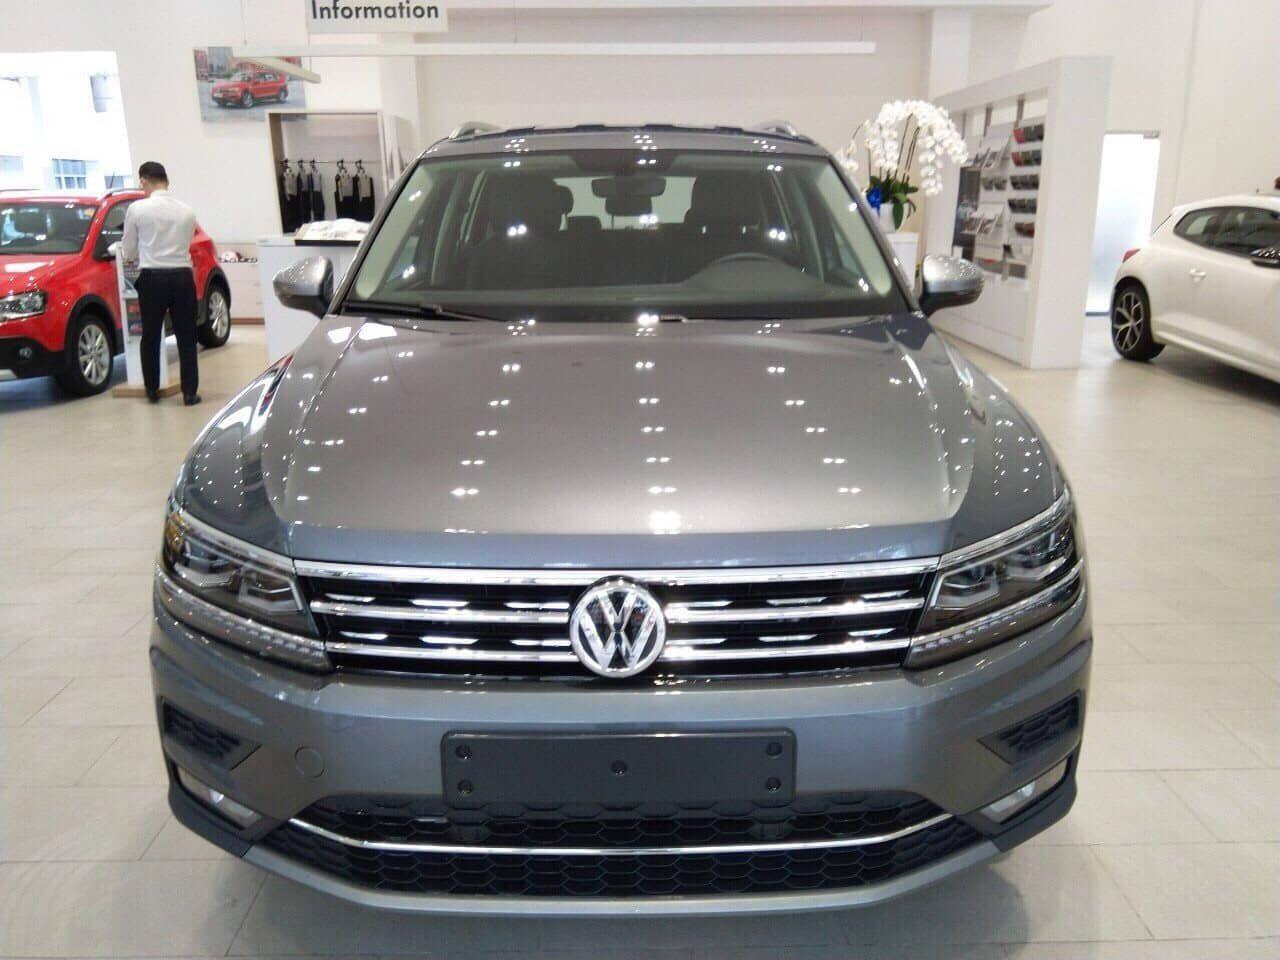 VW Tiguan Allspace 2019 SUV 7 chỗ nhãn hiệu Đức - hotline: 0909717983